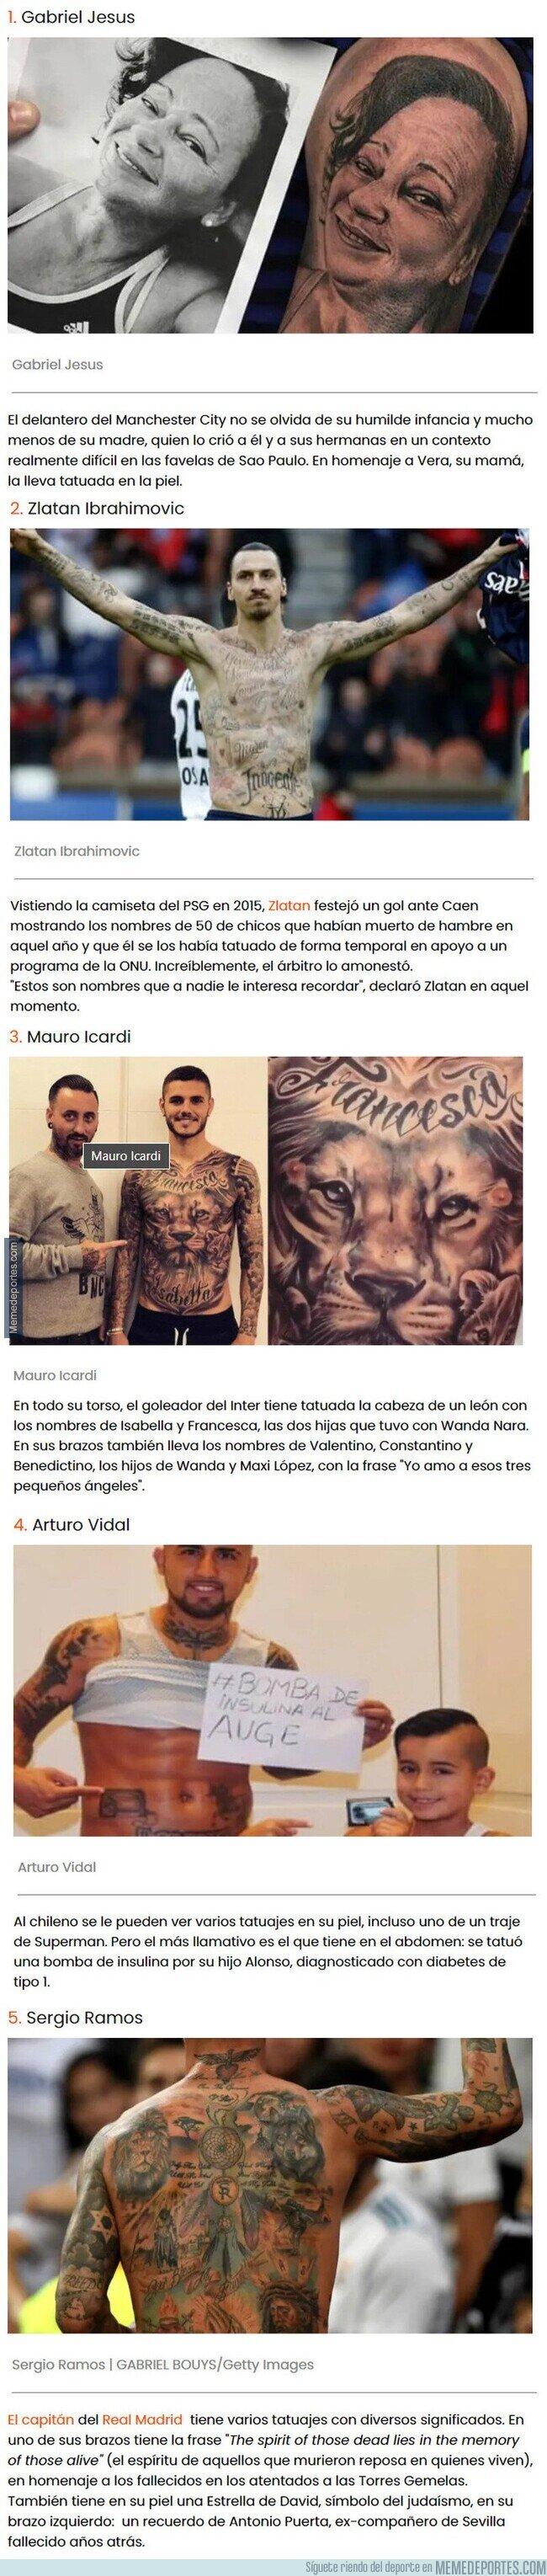 1126056 - Historias inspiradoras escondidas detrás de los tatuajes de grandes futbolistas